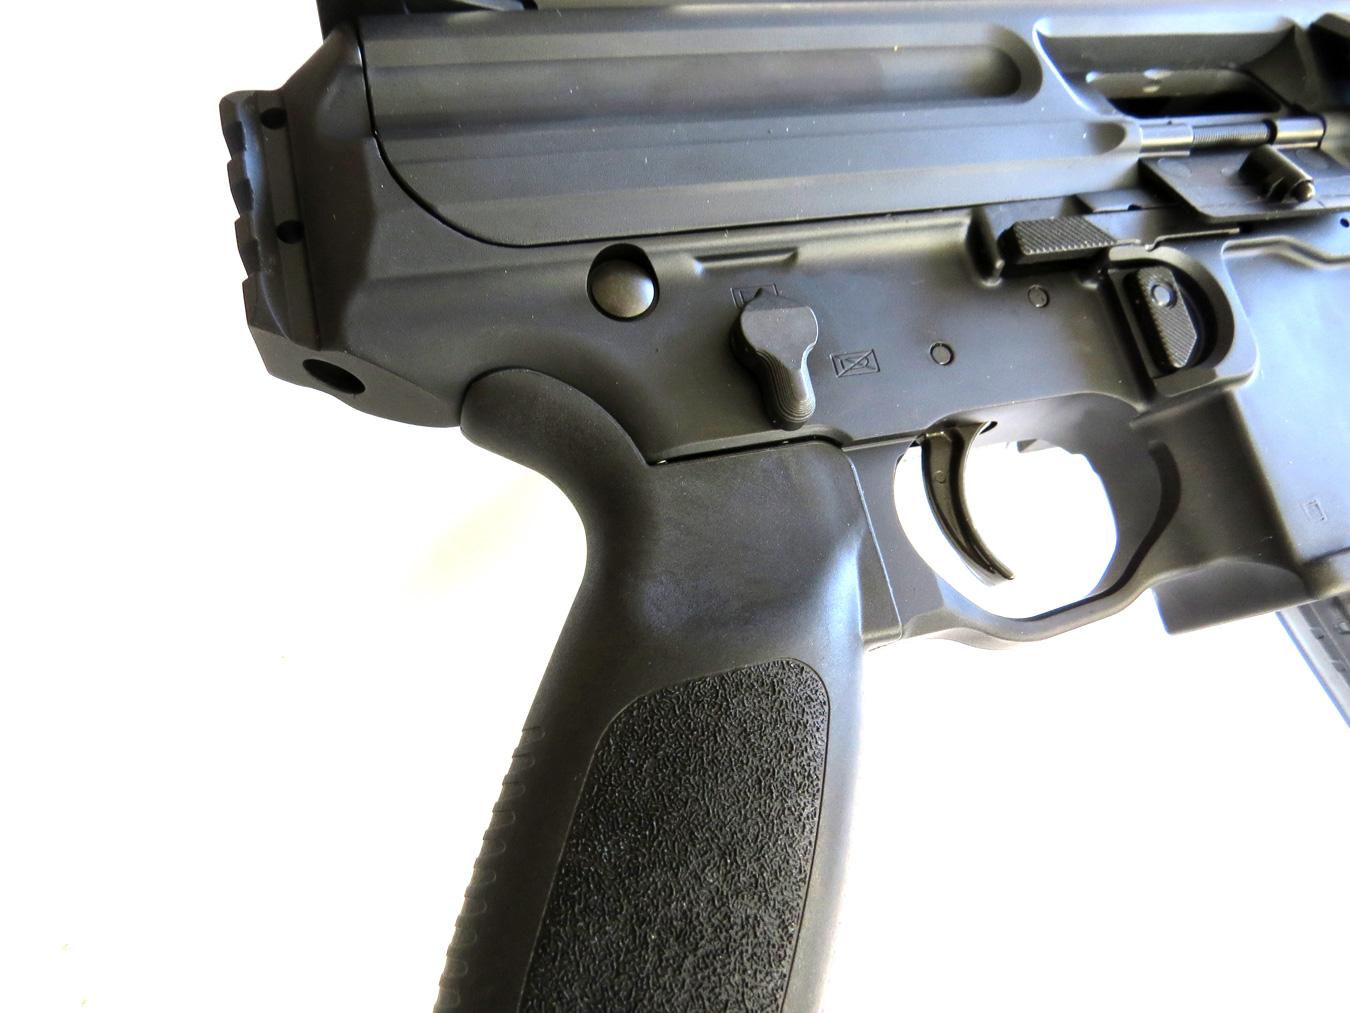 SIG MPX-PSB pistol controls